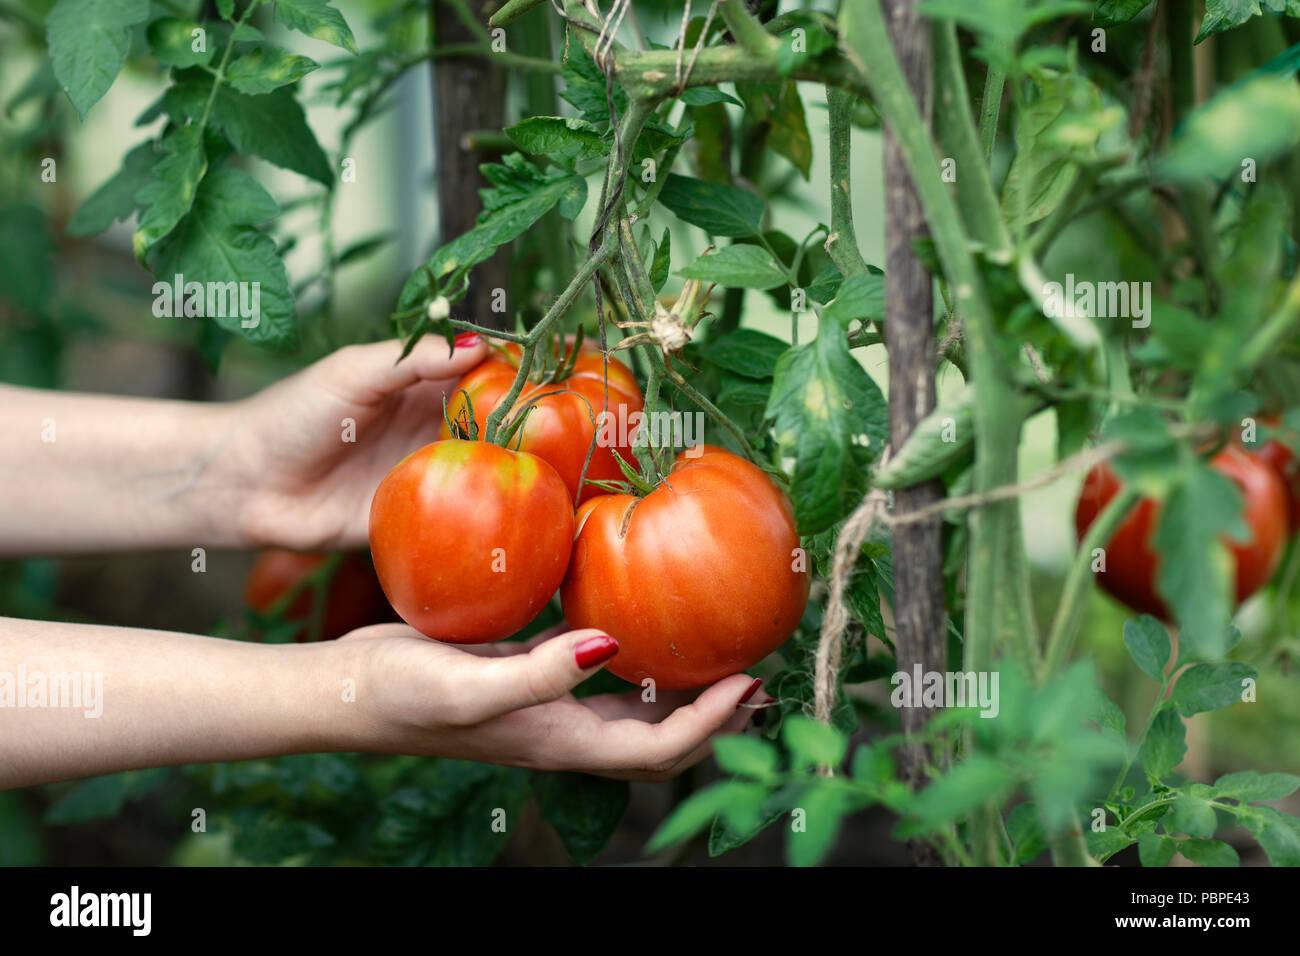 Cueillette de tomates rouges (Solanum lycopersicum) des émissions. La Région de Kaluga, Russie centrale. Photo Stock